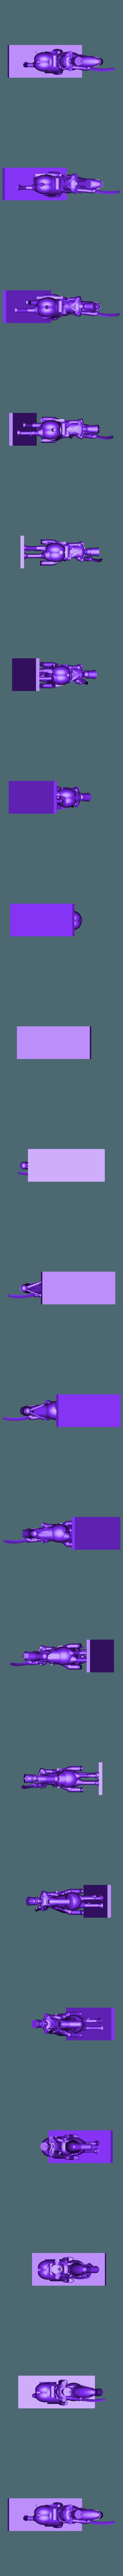 drag_off_2.stl Télécharger fichier STL gratuit Napoléonien - Partie 4 - Cavalerie Britannique • Modèle pour impression 3D, Earsling